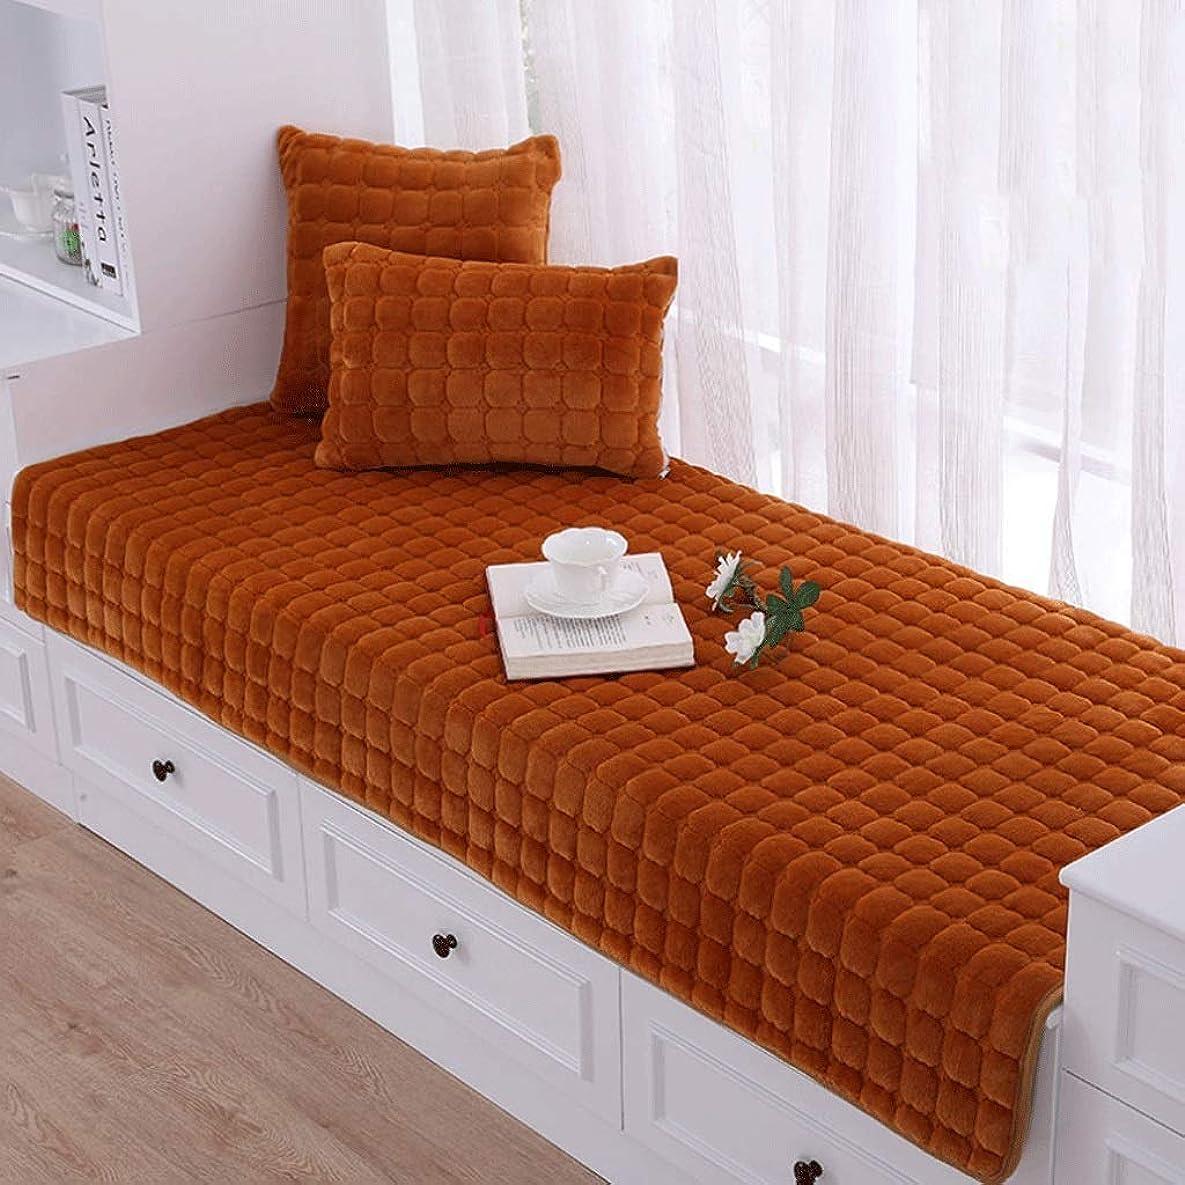 テント重荷哲学者窓枠クッション/リビングルーム寝室のぬいぐるみ滑り止めベンチパッド/バルコニー畳/ソファースリッパ/フォーシーズンズユニバーサル (Color : H, Size : 70×160CM)